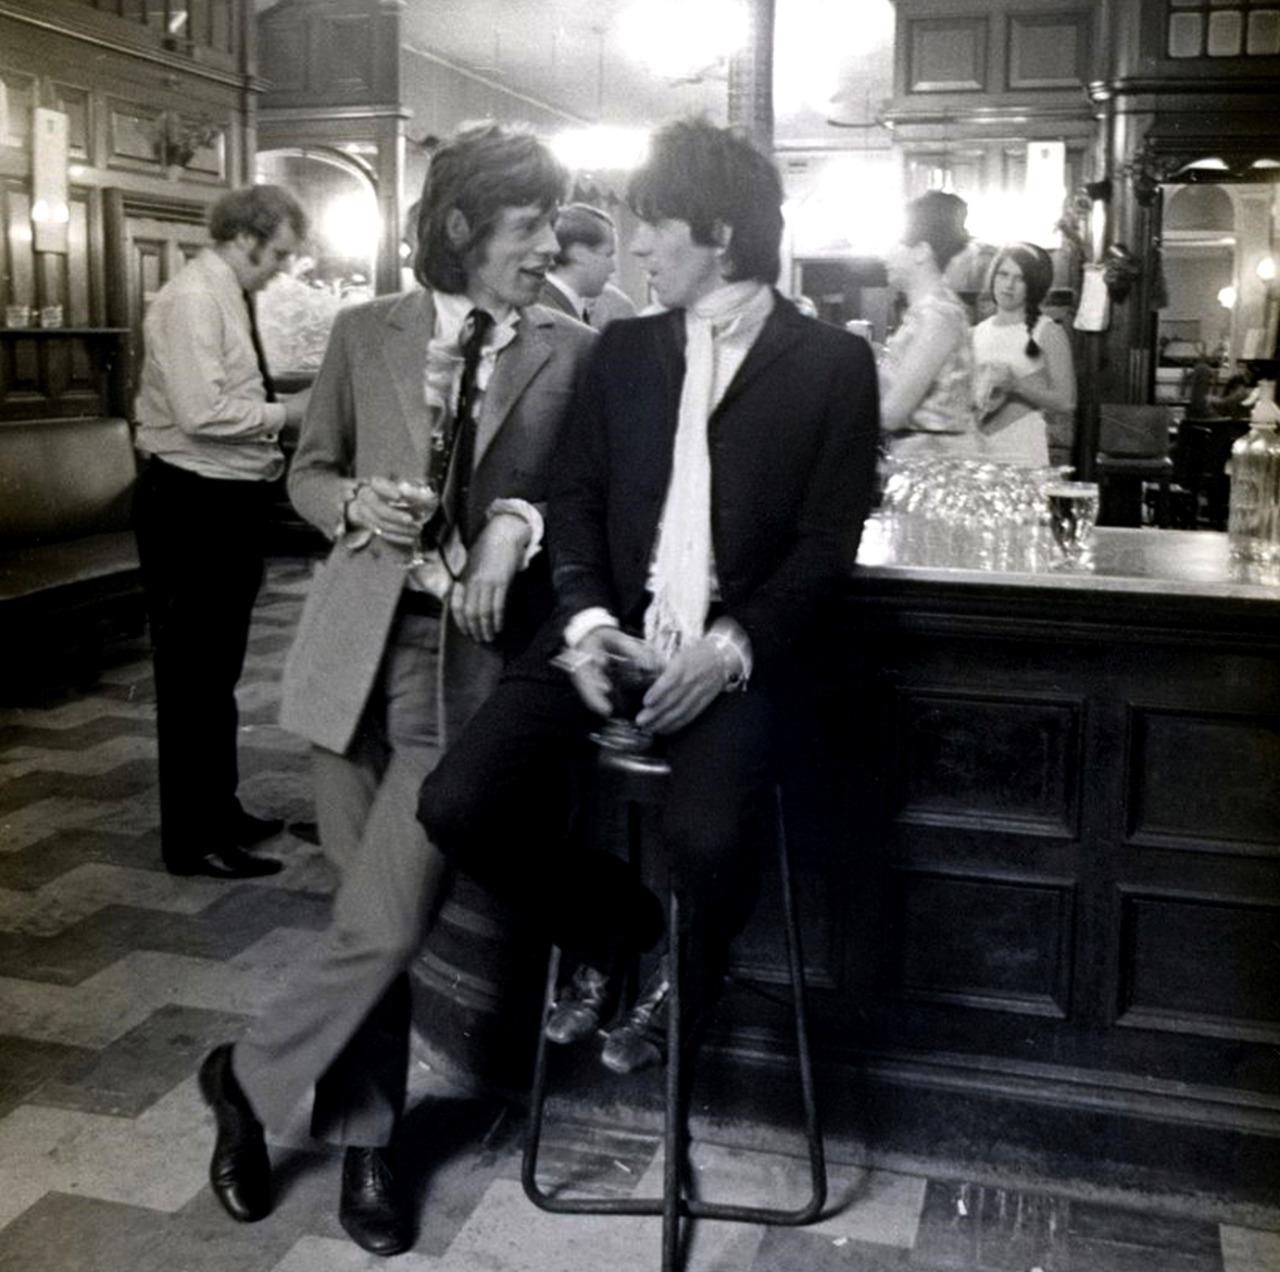 1967. Мик Джаггер и Кит Ричардс в пабе